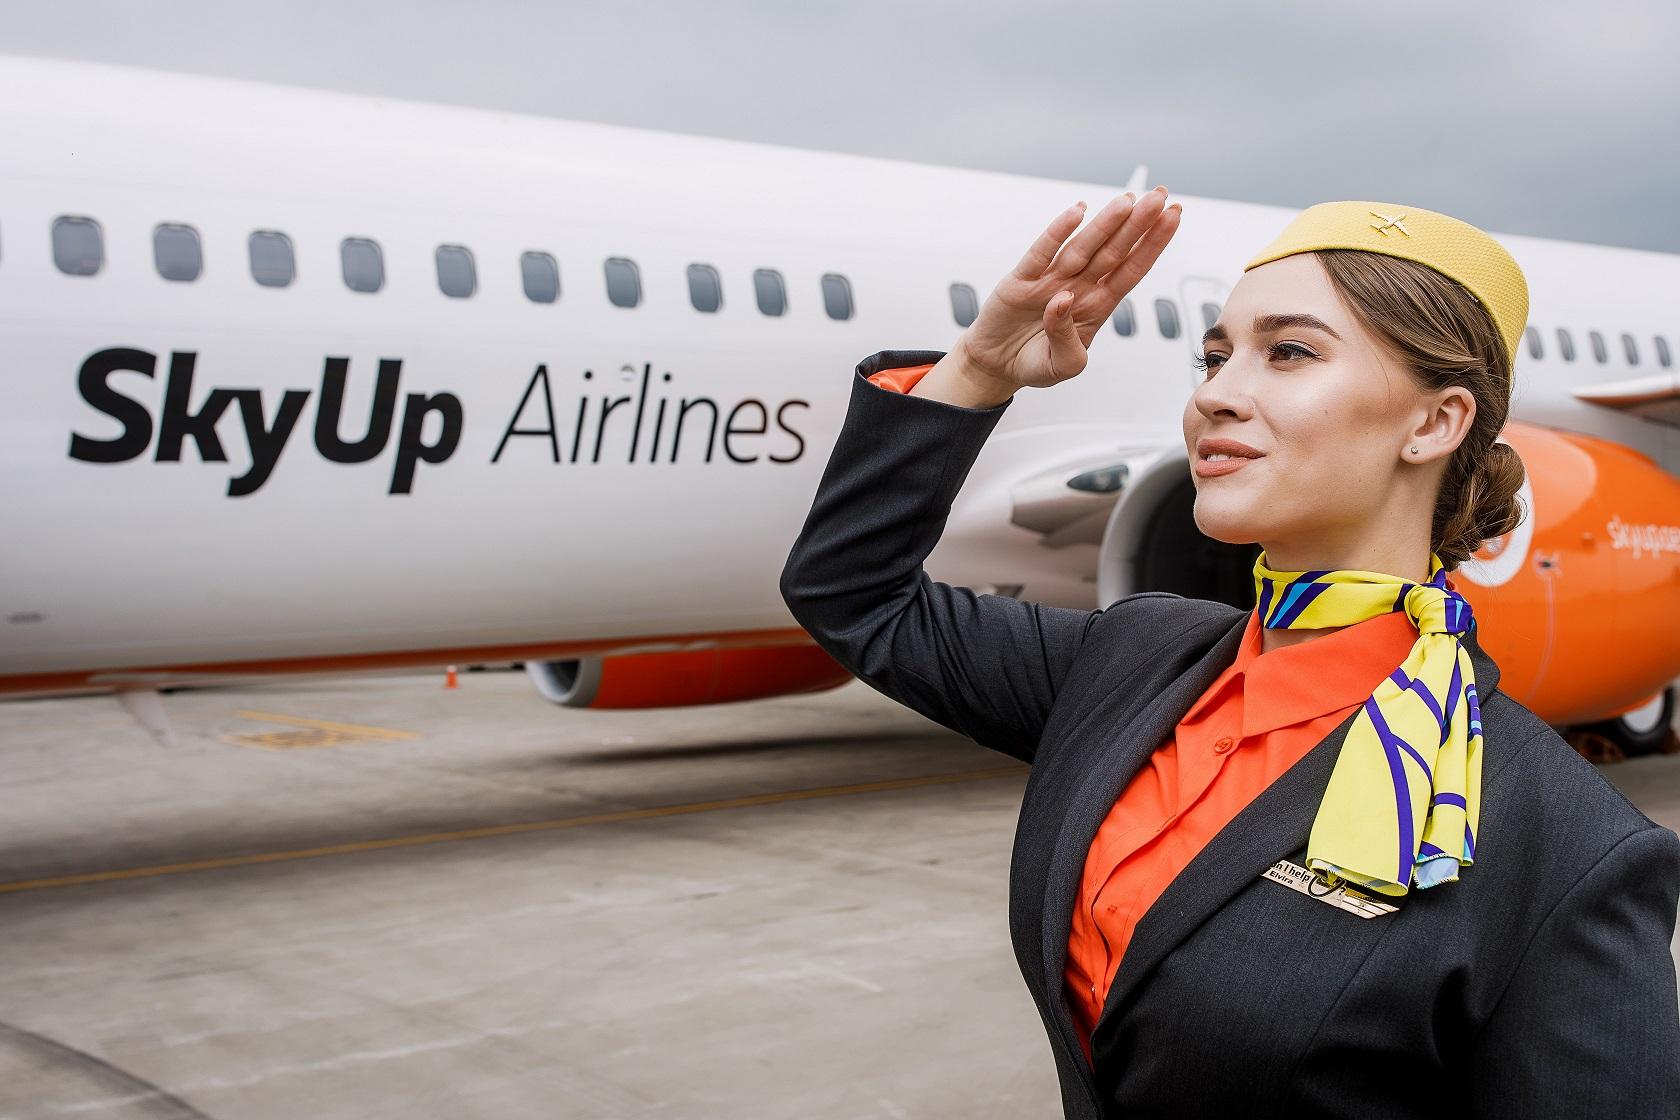 vigoda-na-pokupku-kvitkiv-do-richniczi-skyup-airlines